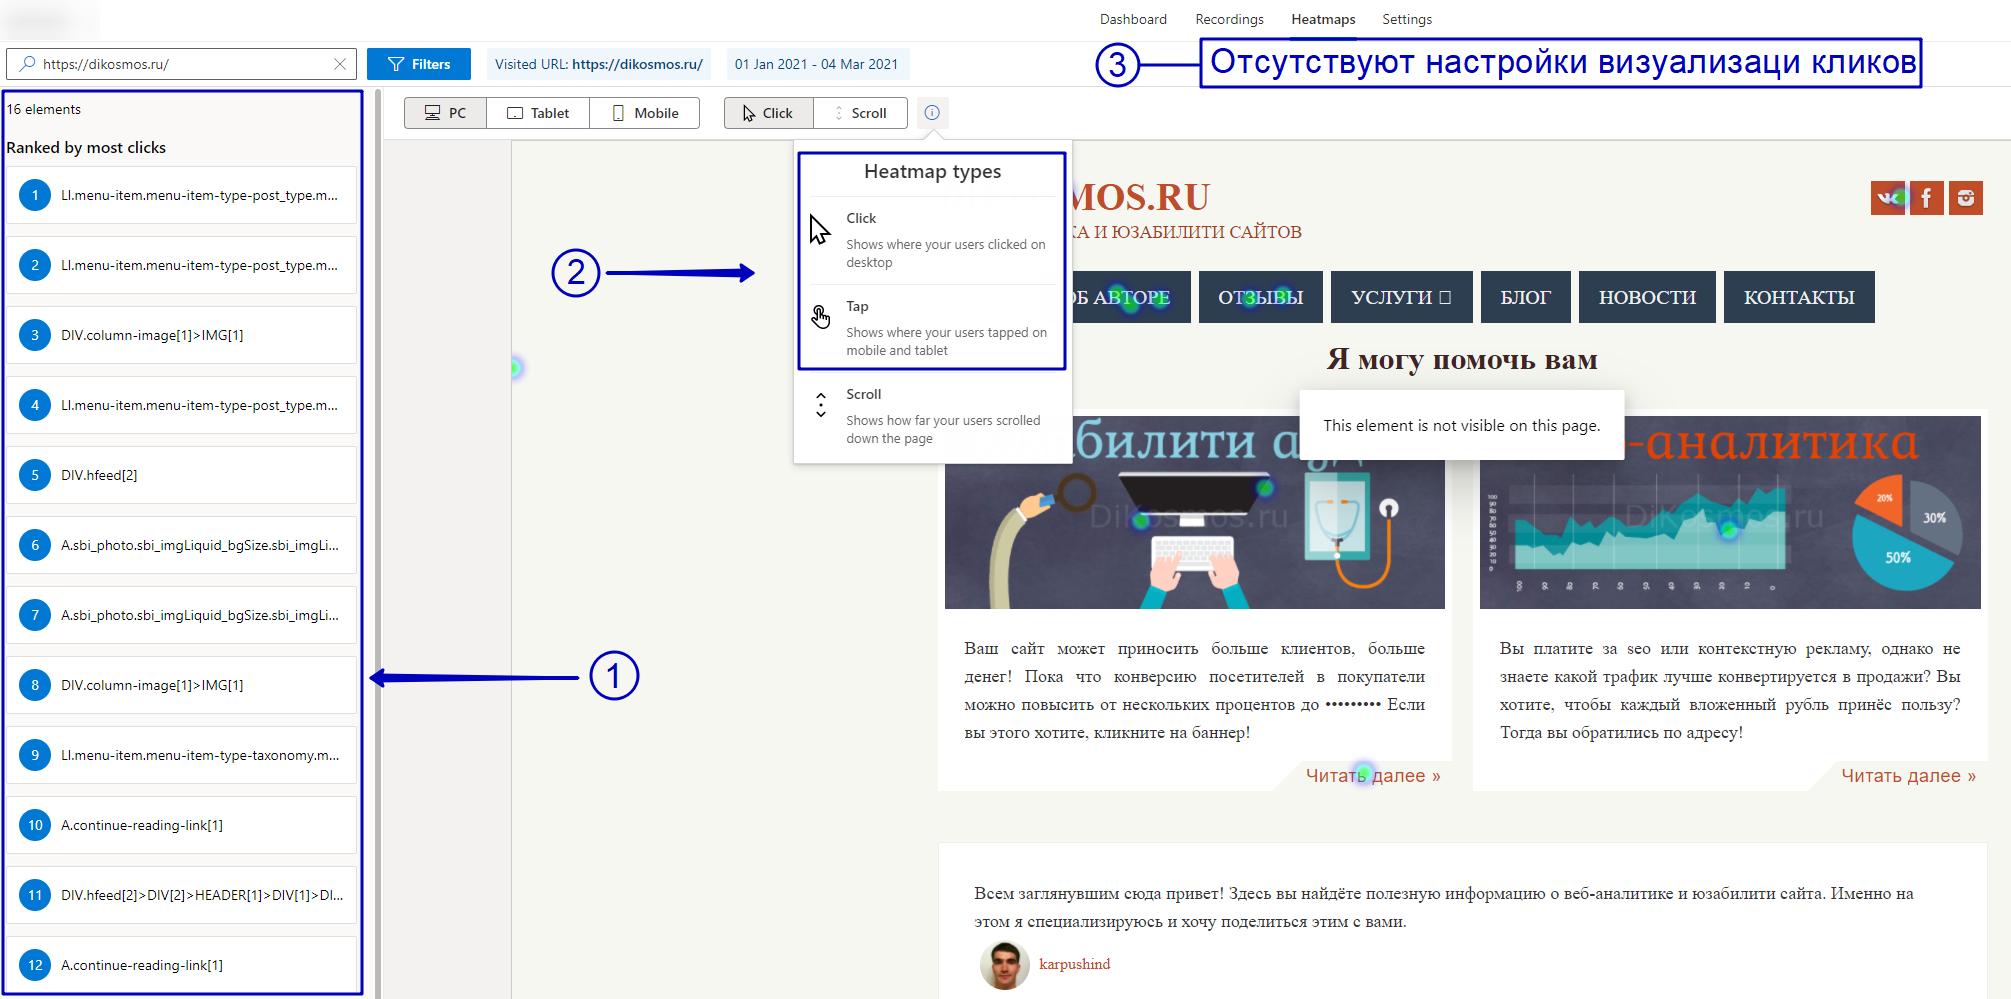 Microsoft Clarity карта кликов